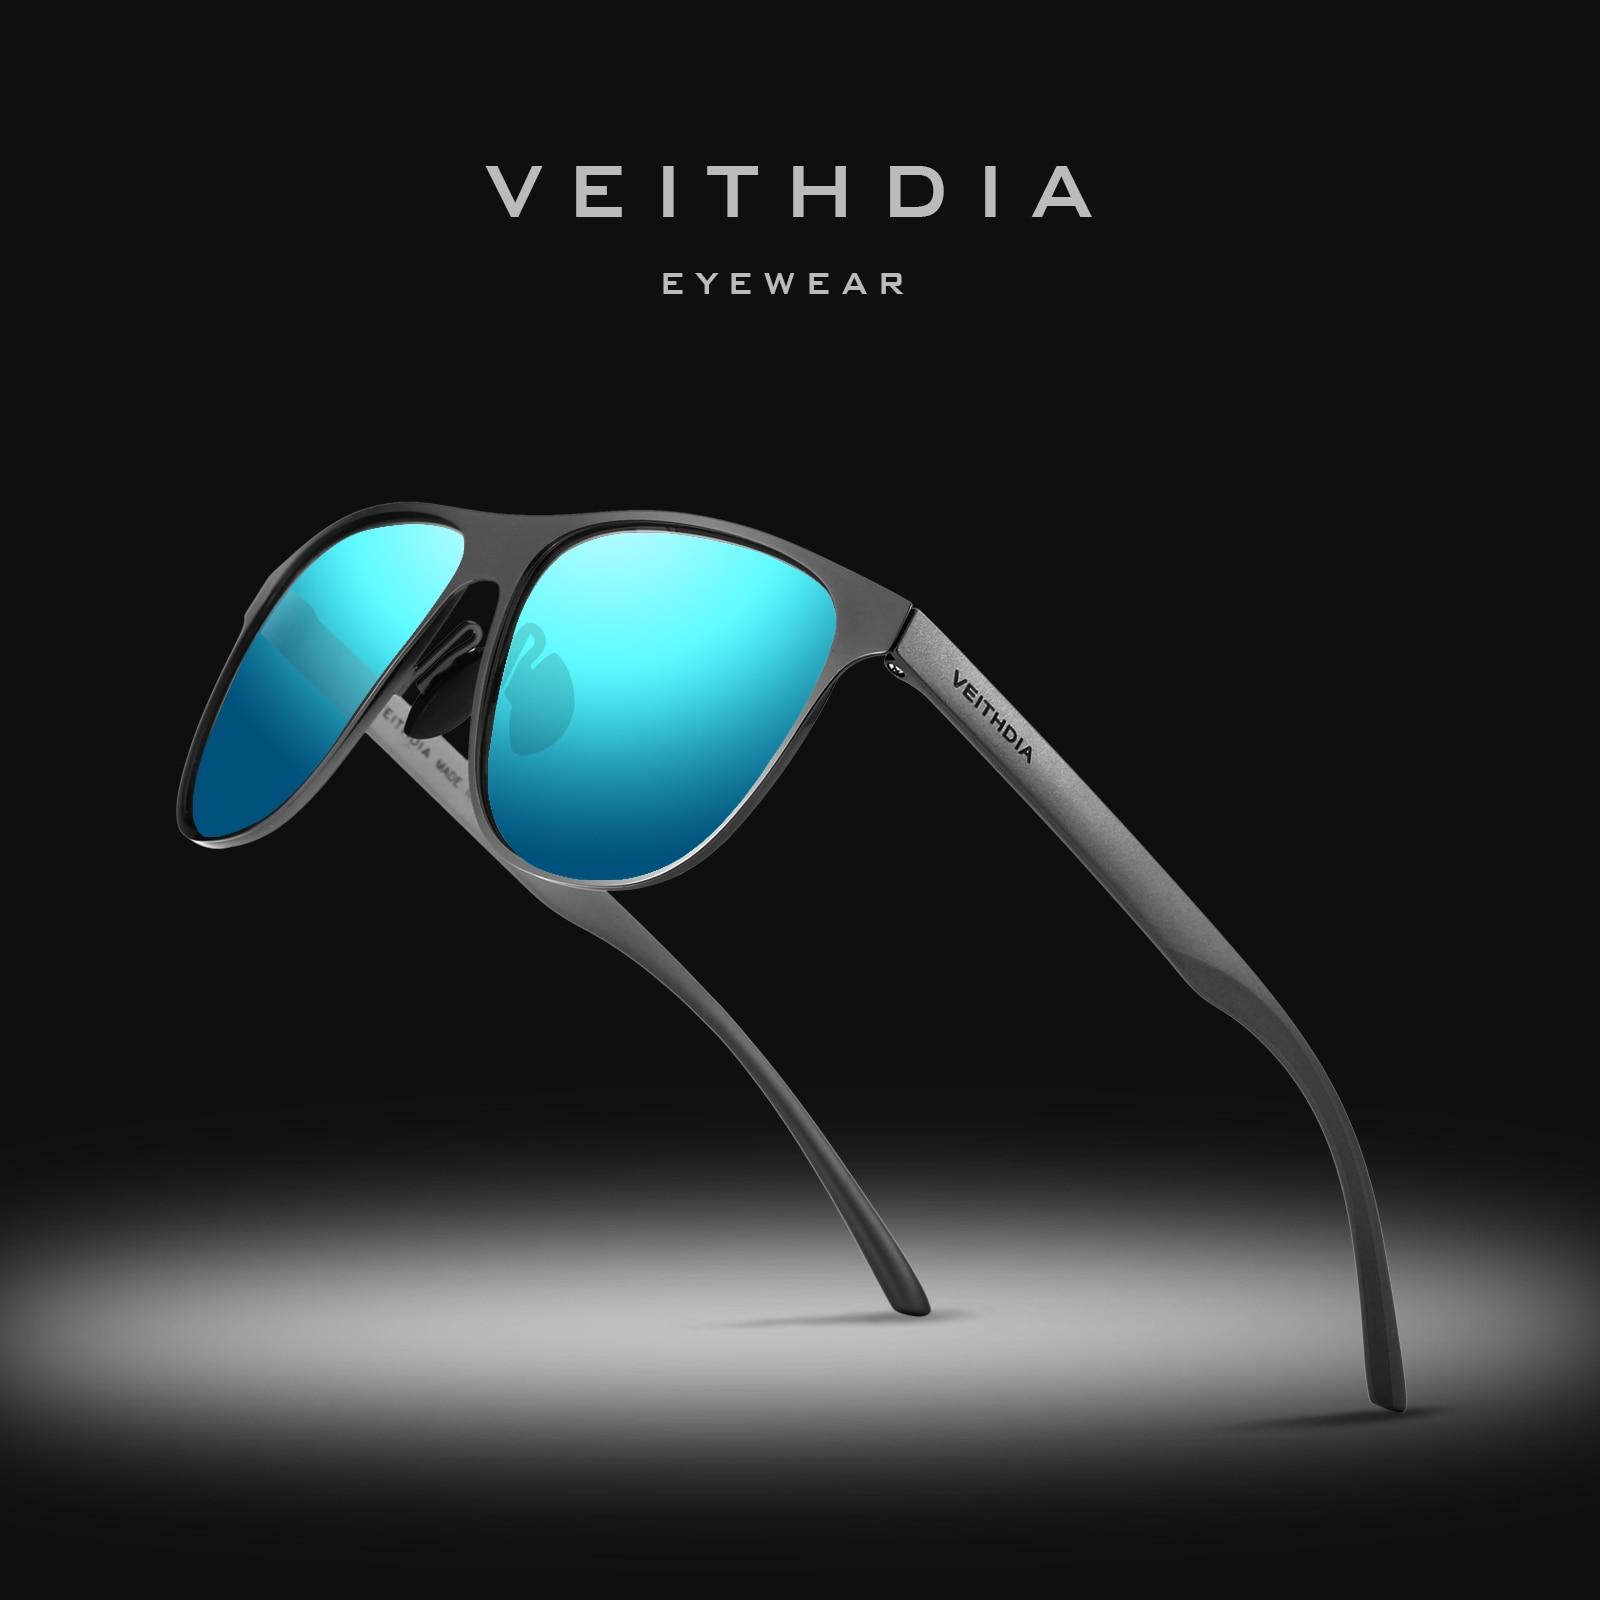 eb9e3b03e1129 Sunglasses   Sunglasses Accessories VEITHDIA Sunglasses Polarized Square  UV400 Lens Accessories Male Sunglasses